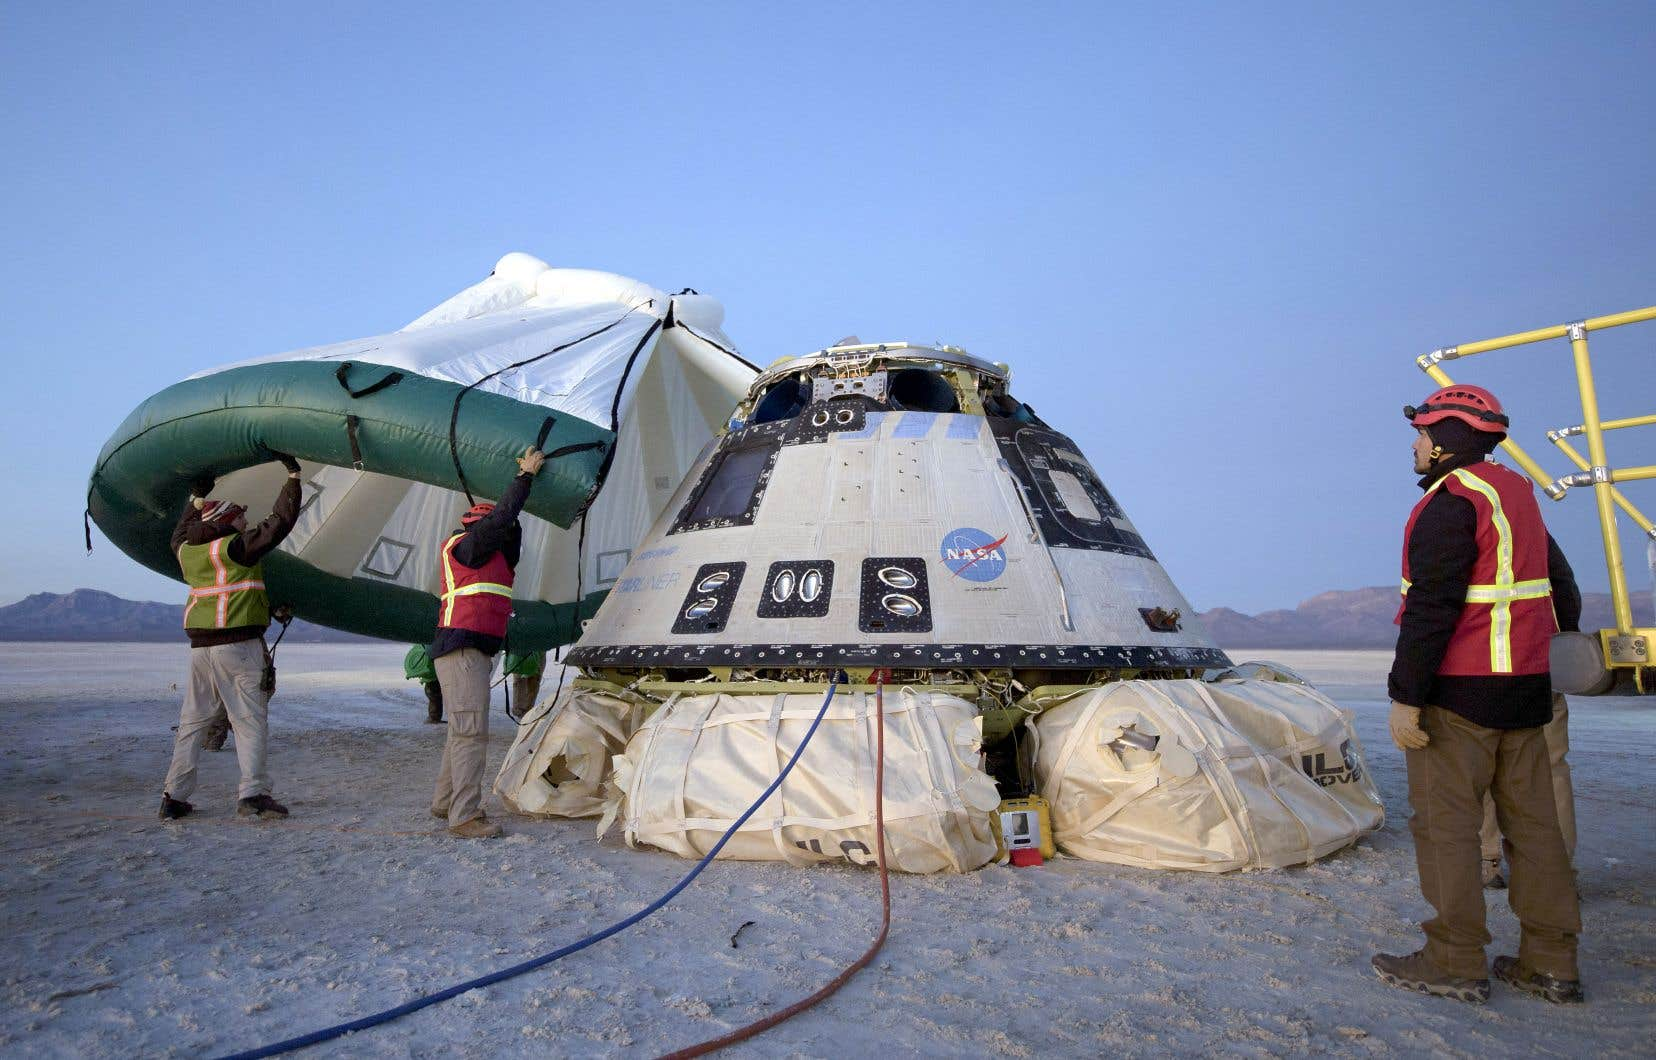 «Starliner» a atterri dimanche sur la base de White Sands, un morceau de désert de l'armée dans le Nouveau-Mexique, à 5h58 (7 h 58 à Montréal).